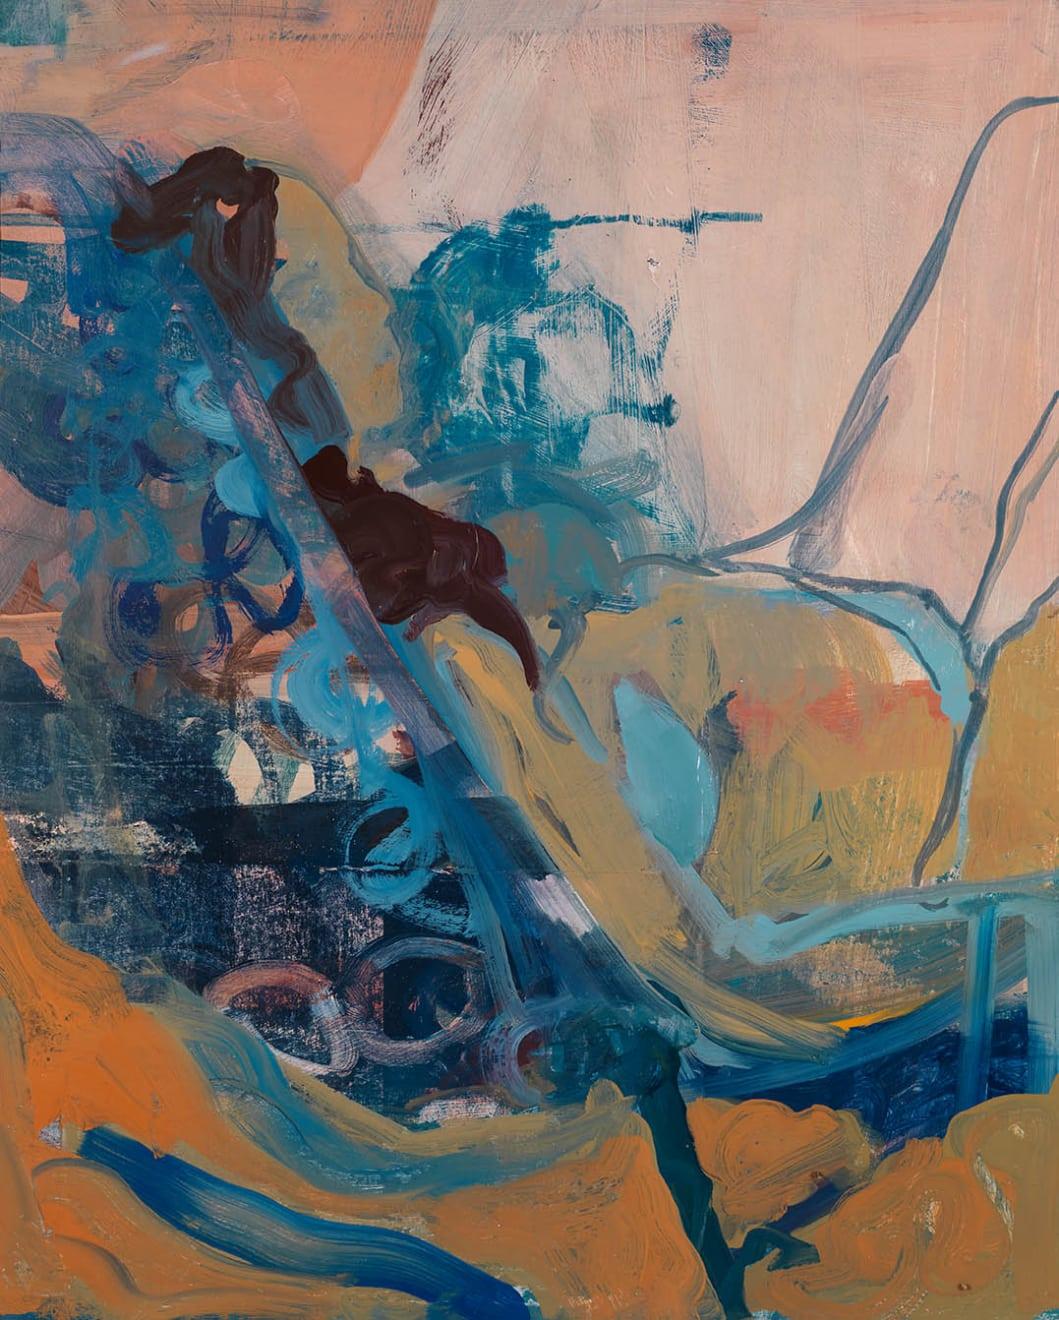 Elaine Speirs, Blue Deck Chair, 2017